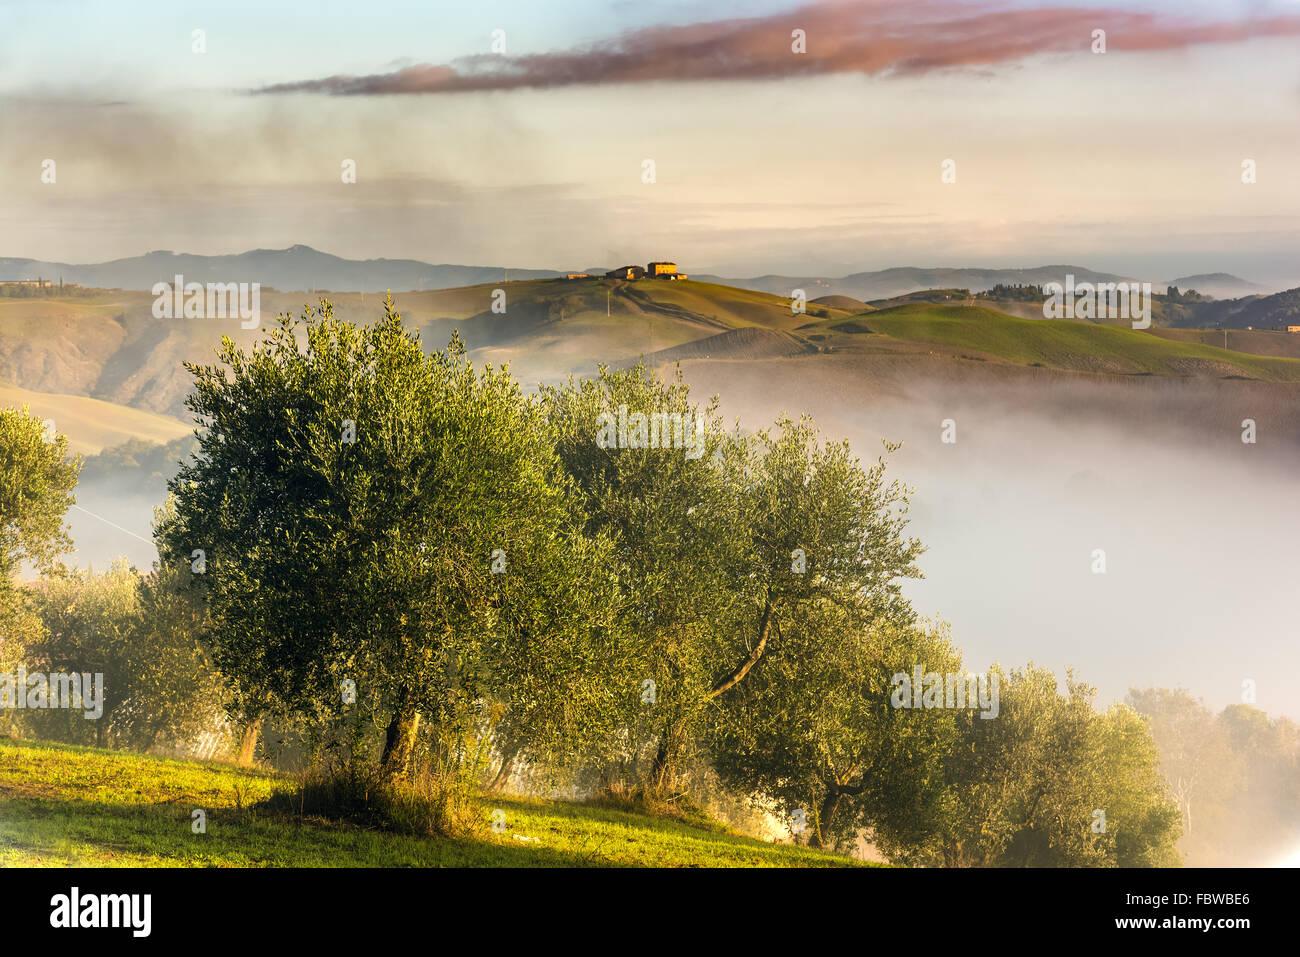 Los olivos en las colinas de la Toscana. Cerca de Asciano, Crete Senesi zone, Italia Imagen De Stock